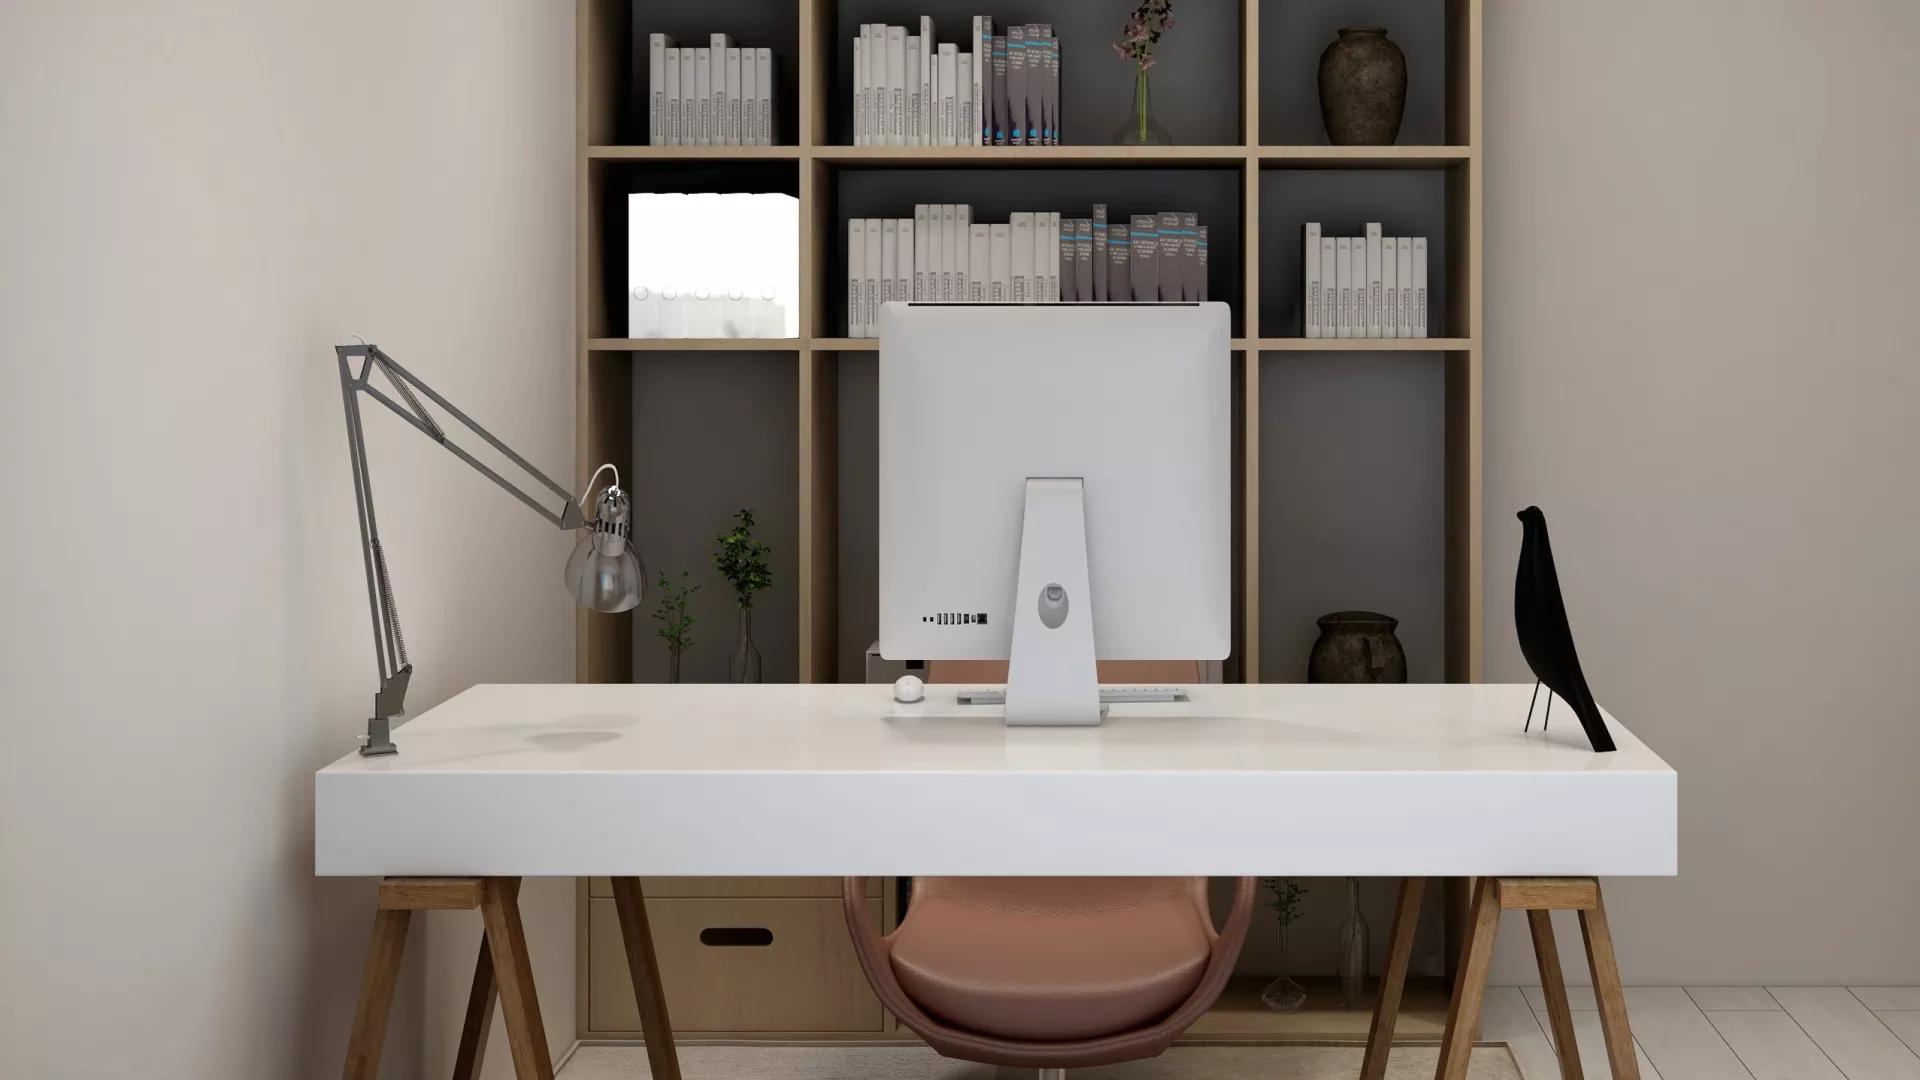 暖色温馨舒适风格厨房吧台设计效果图